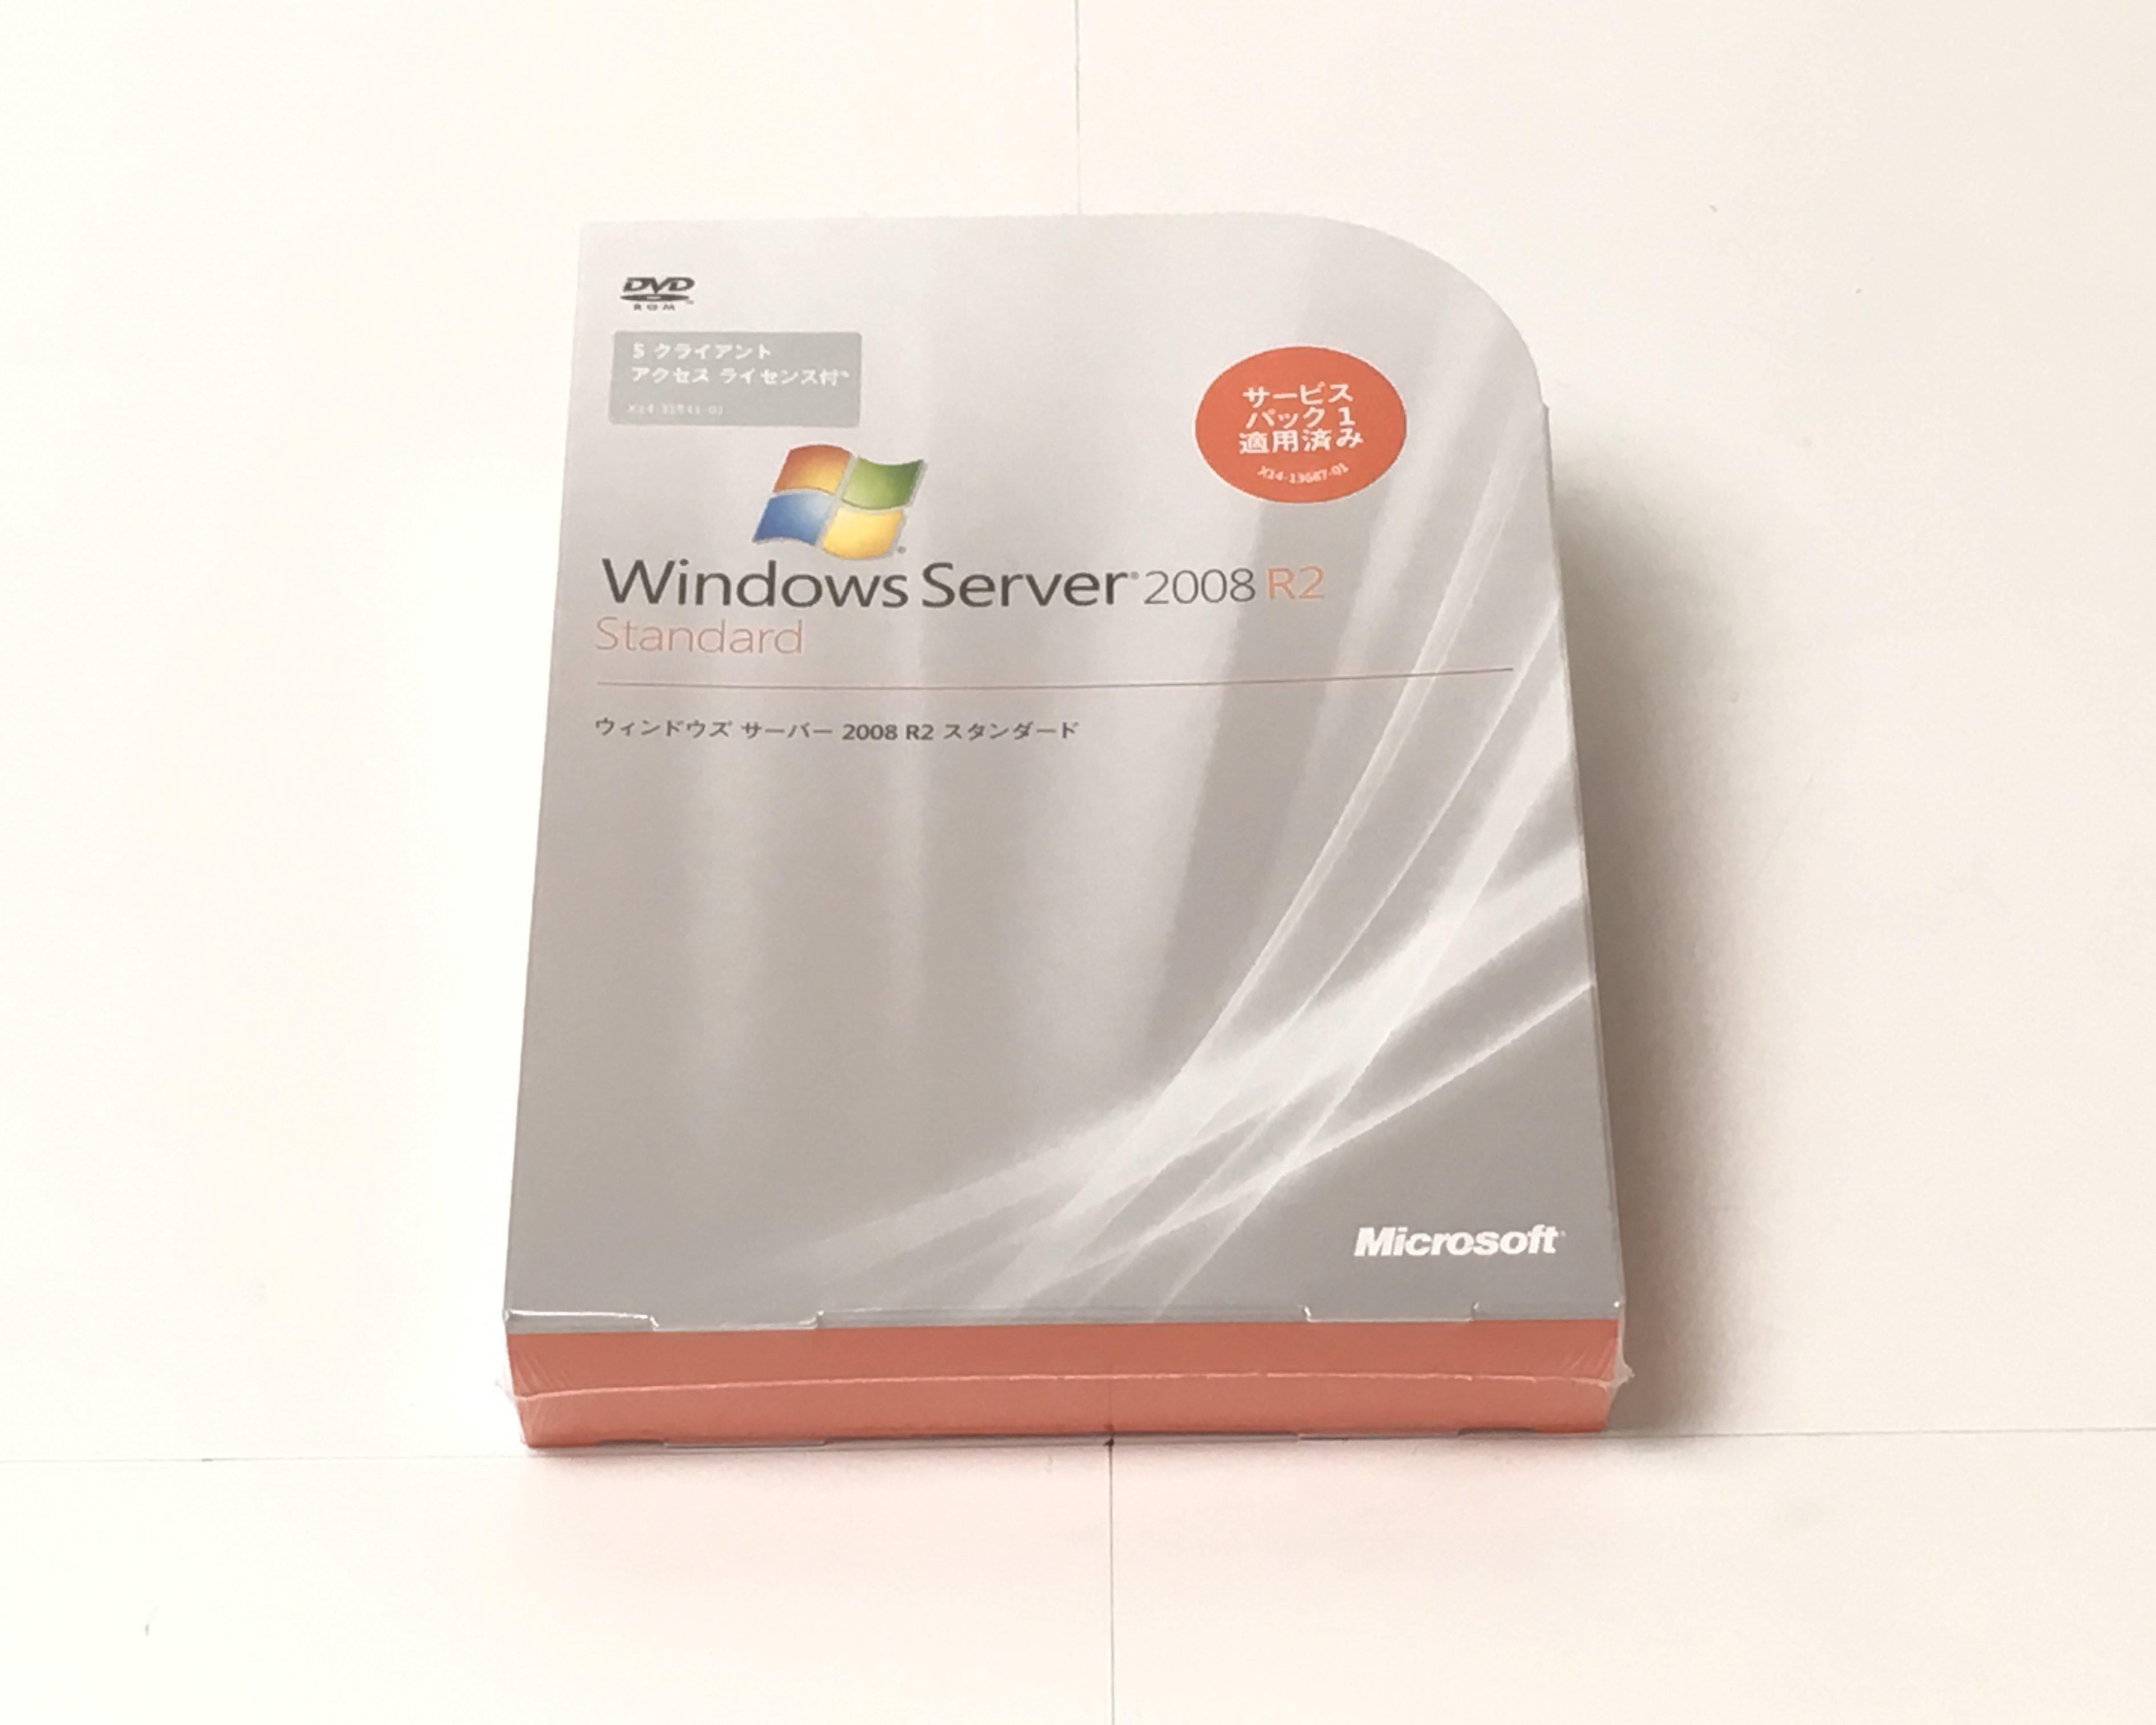 【新品】Microsoft Windows Server 2008 R2 Standard (5 クライアント アクセス ライセンス付) メイン画像